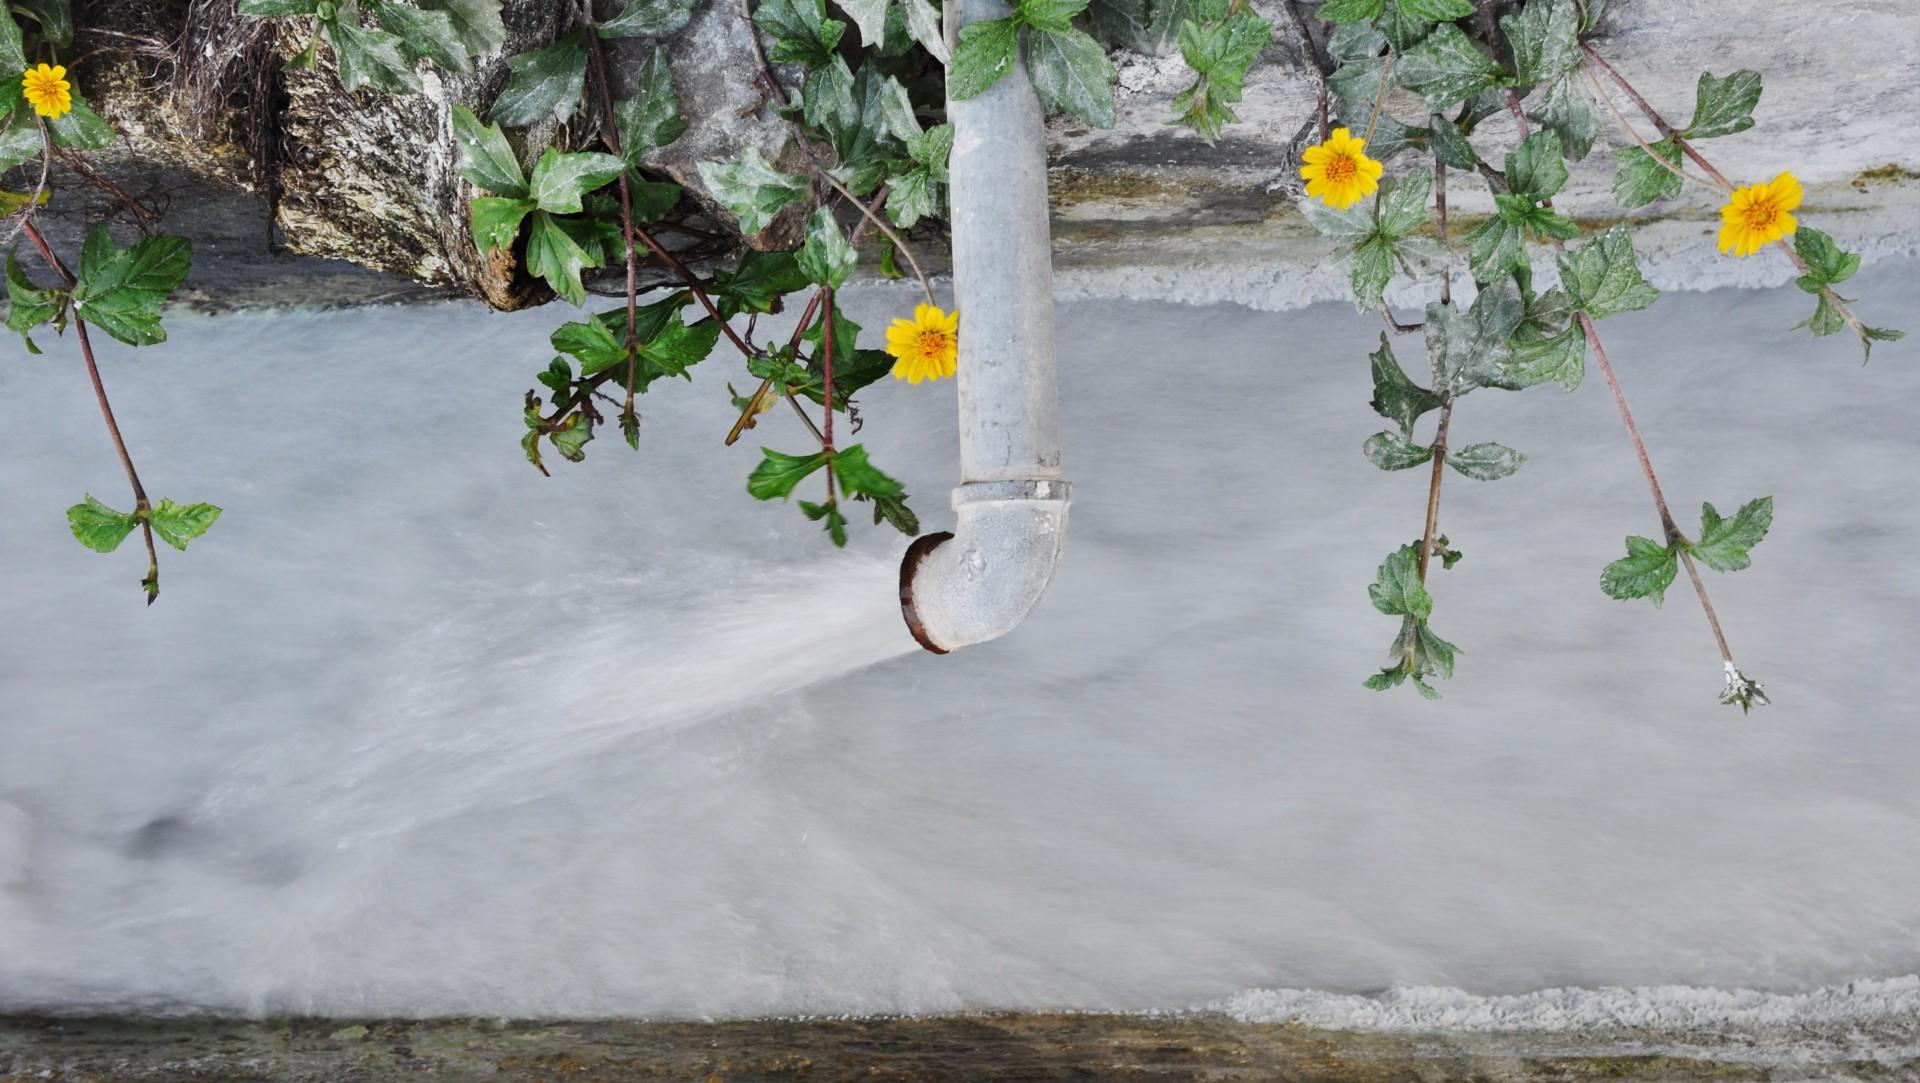 Balsa de aguas residuales en Florida amenaza con inundación catastrófica